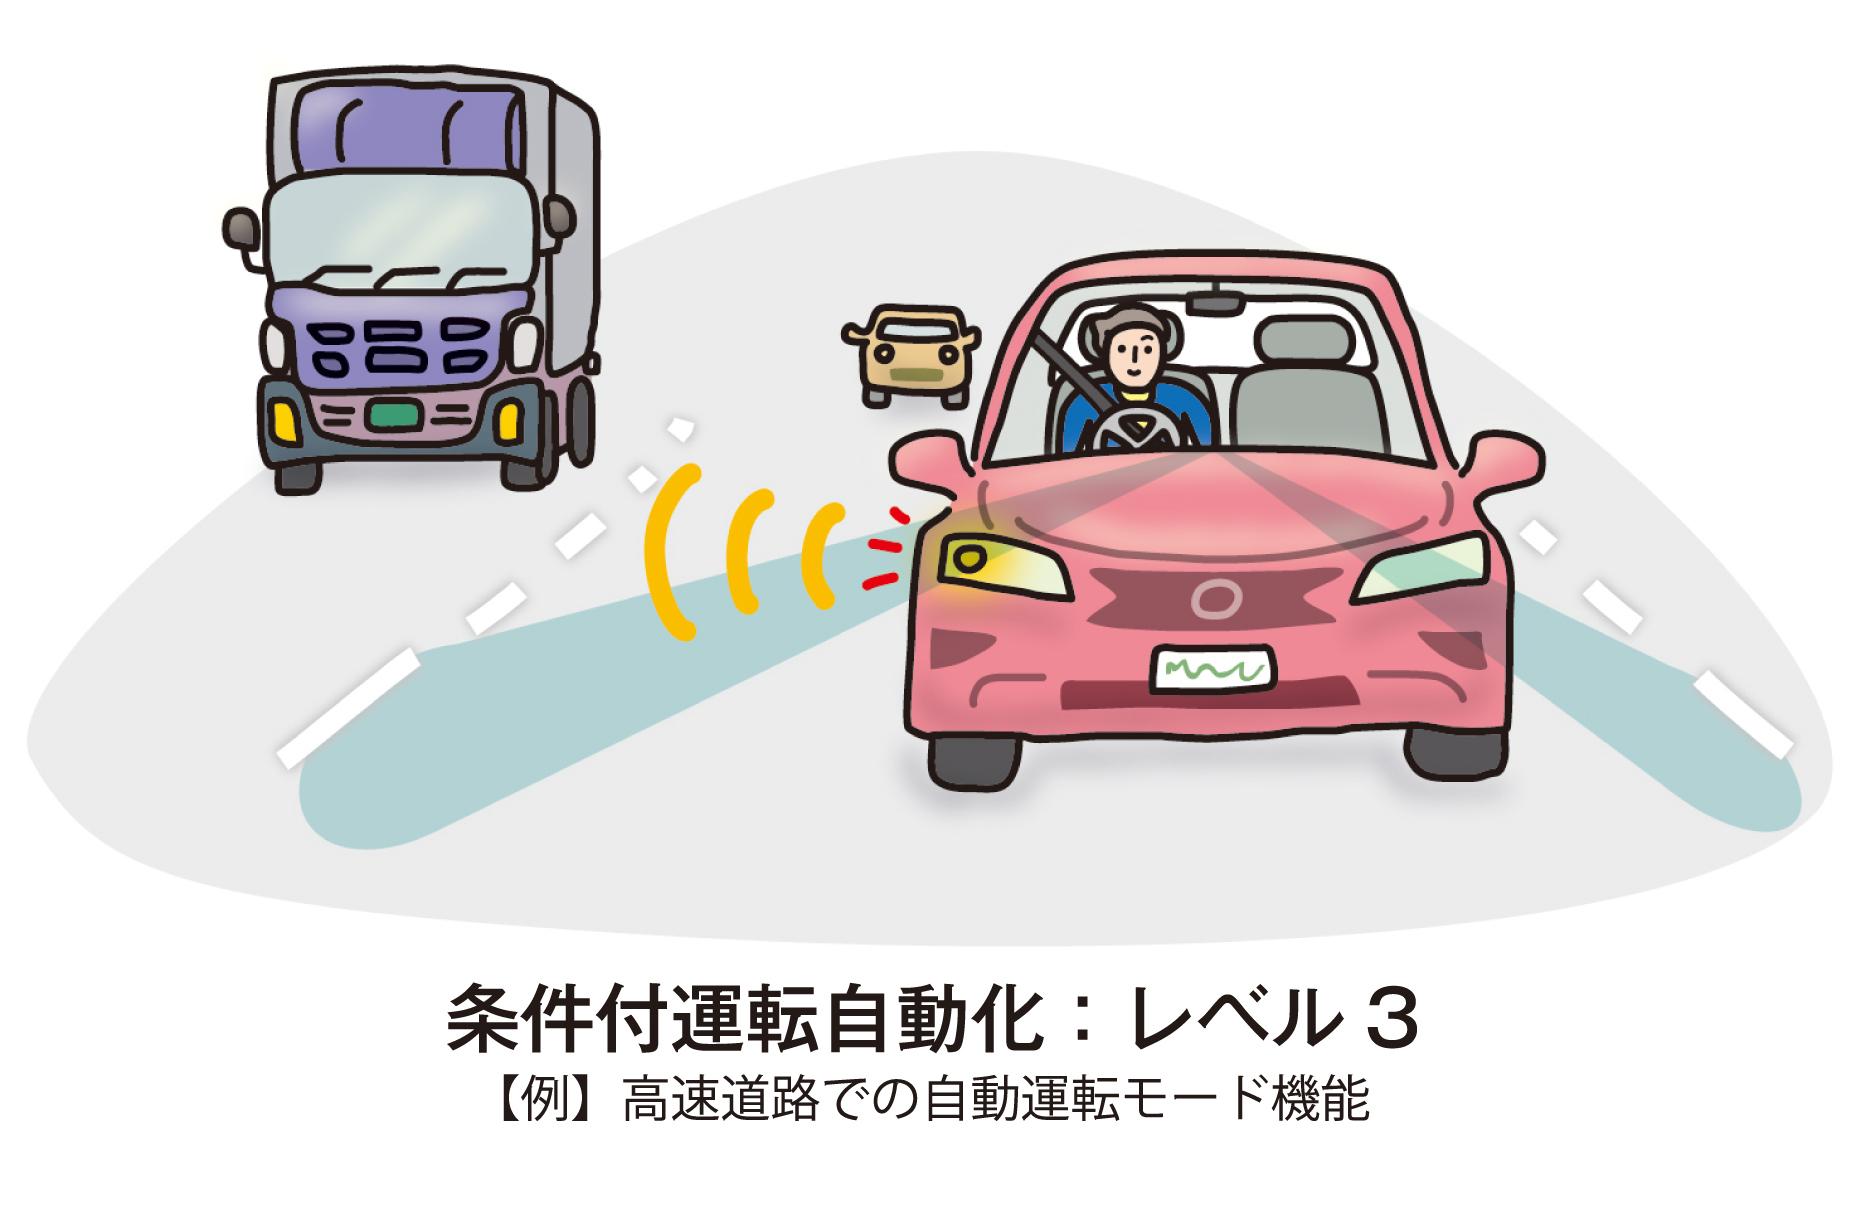 レベル 自動 運転